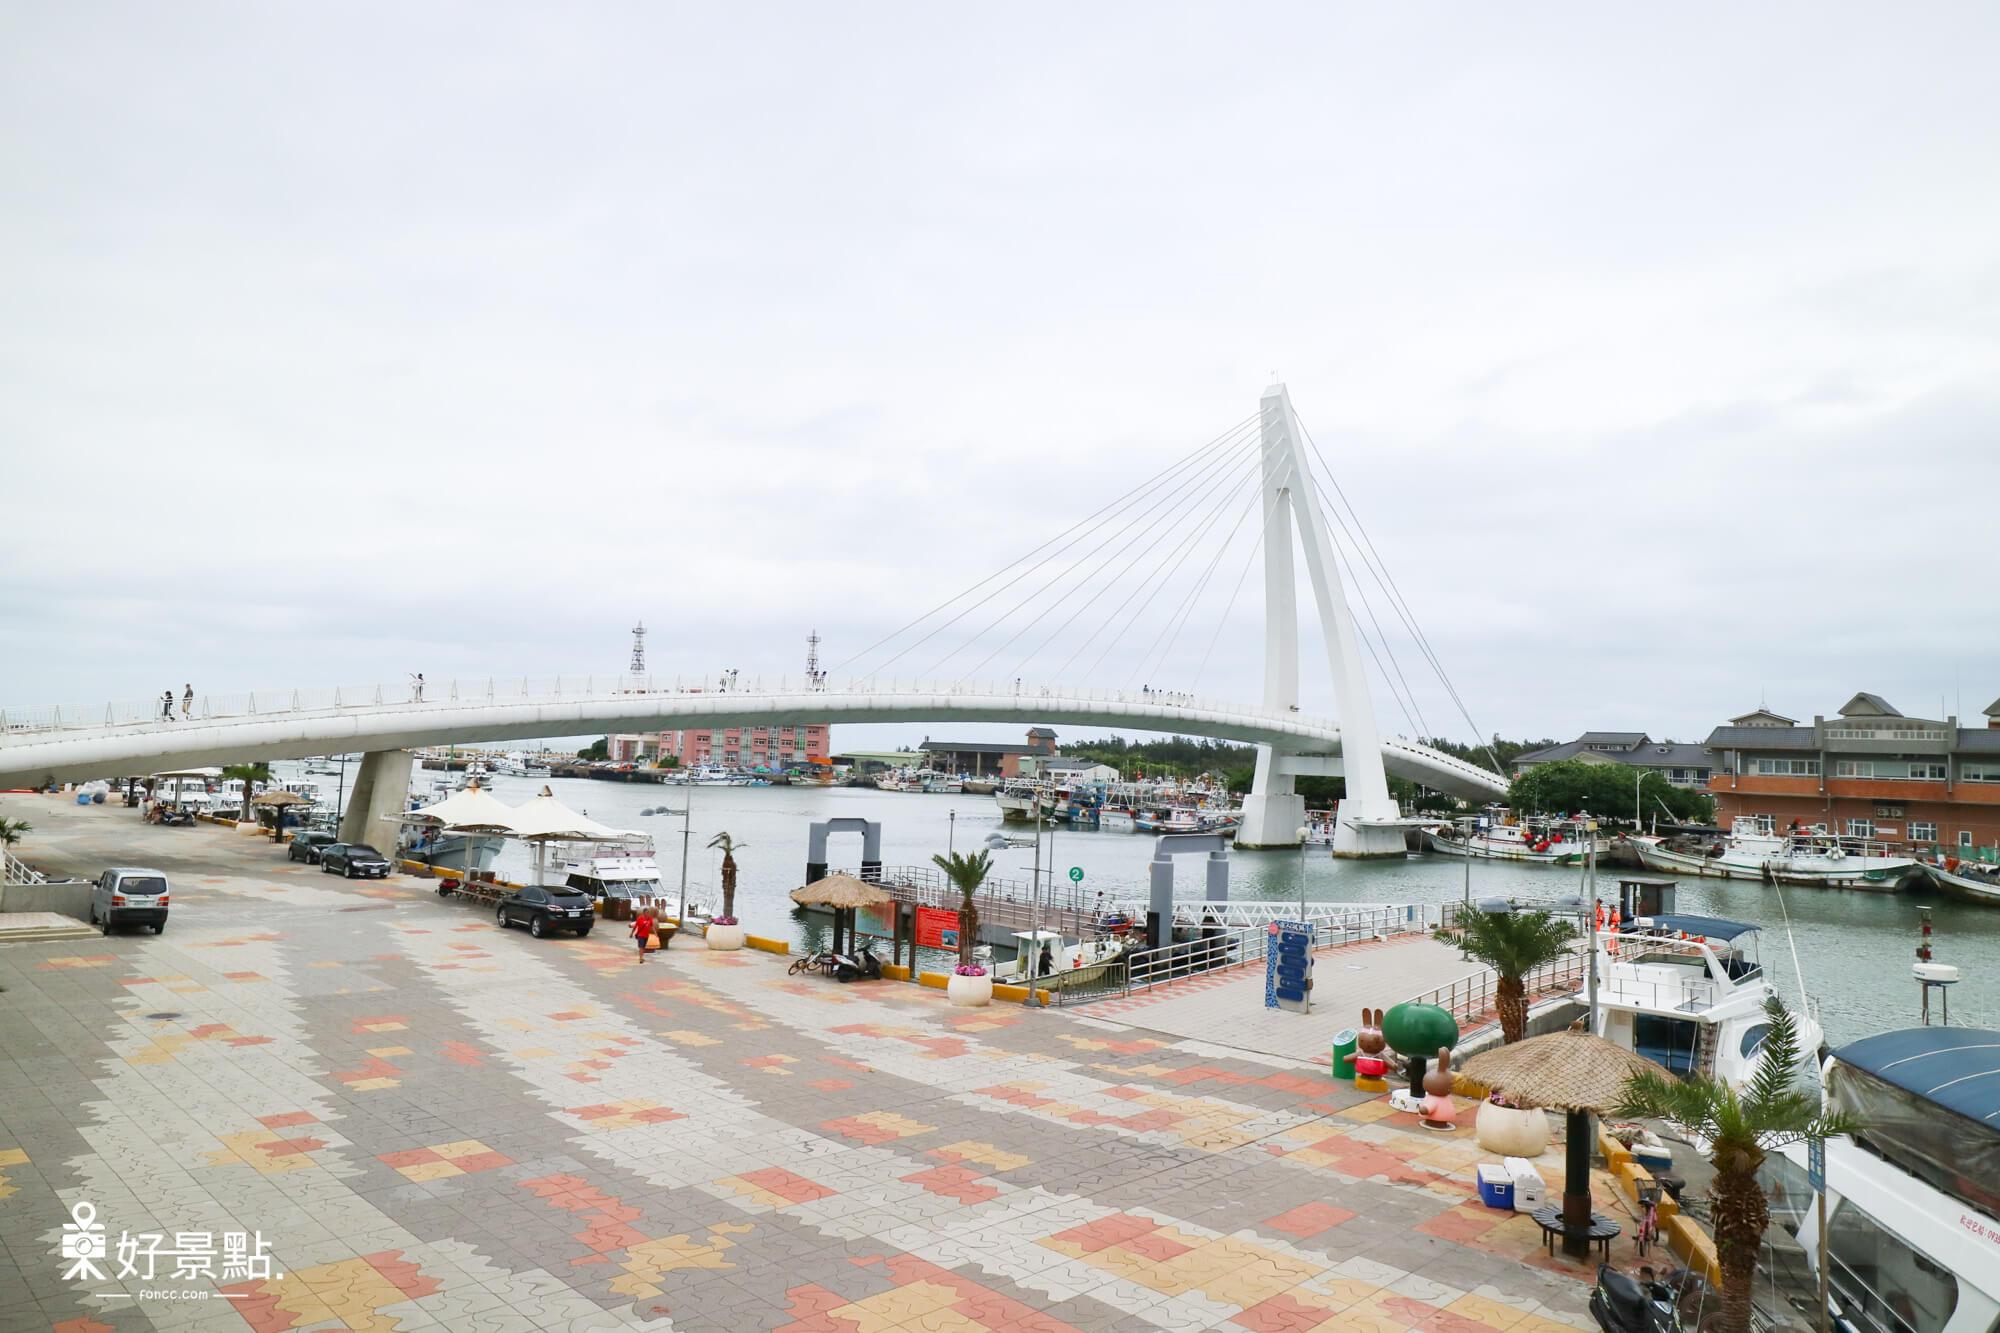 淡水漁人碼頭情人橋